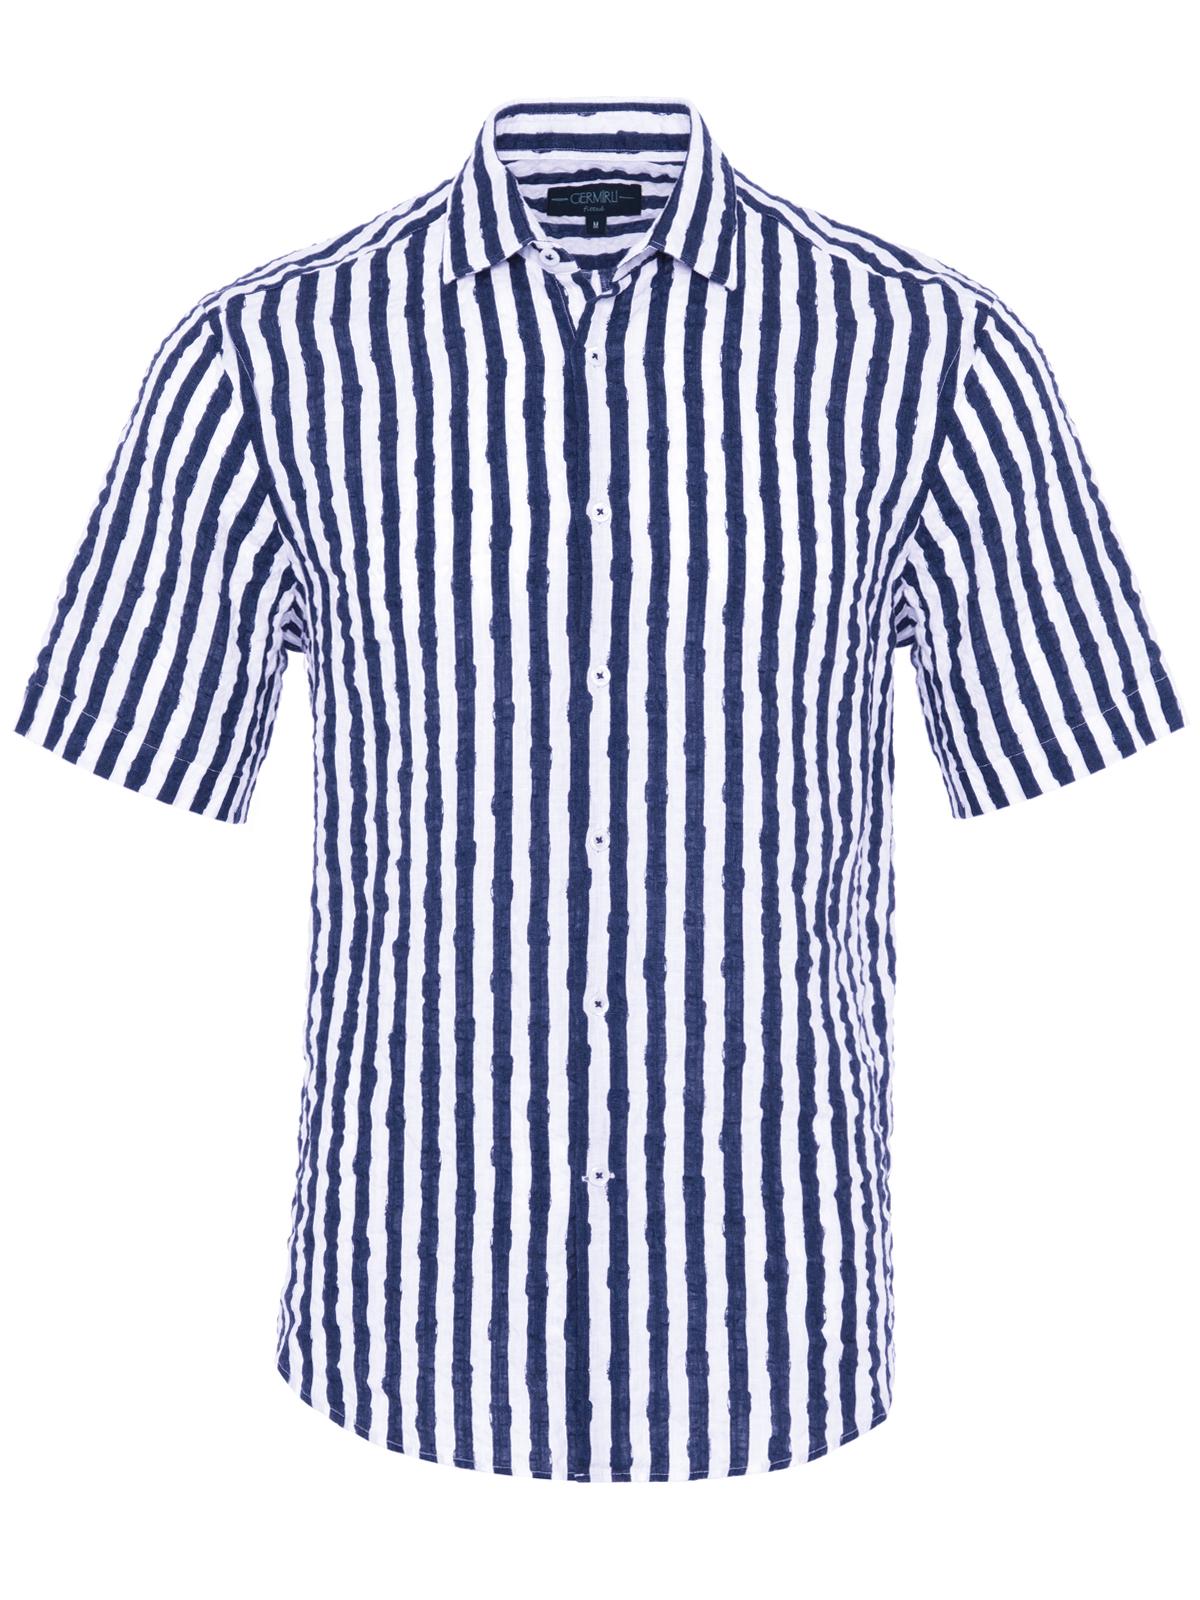 Germirli Lacivert Beyaz Çizgili Seersucker Kısa Kollu Tailor Fit Gömlek